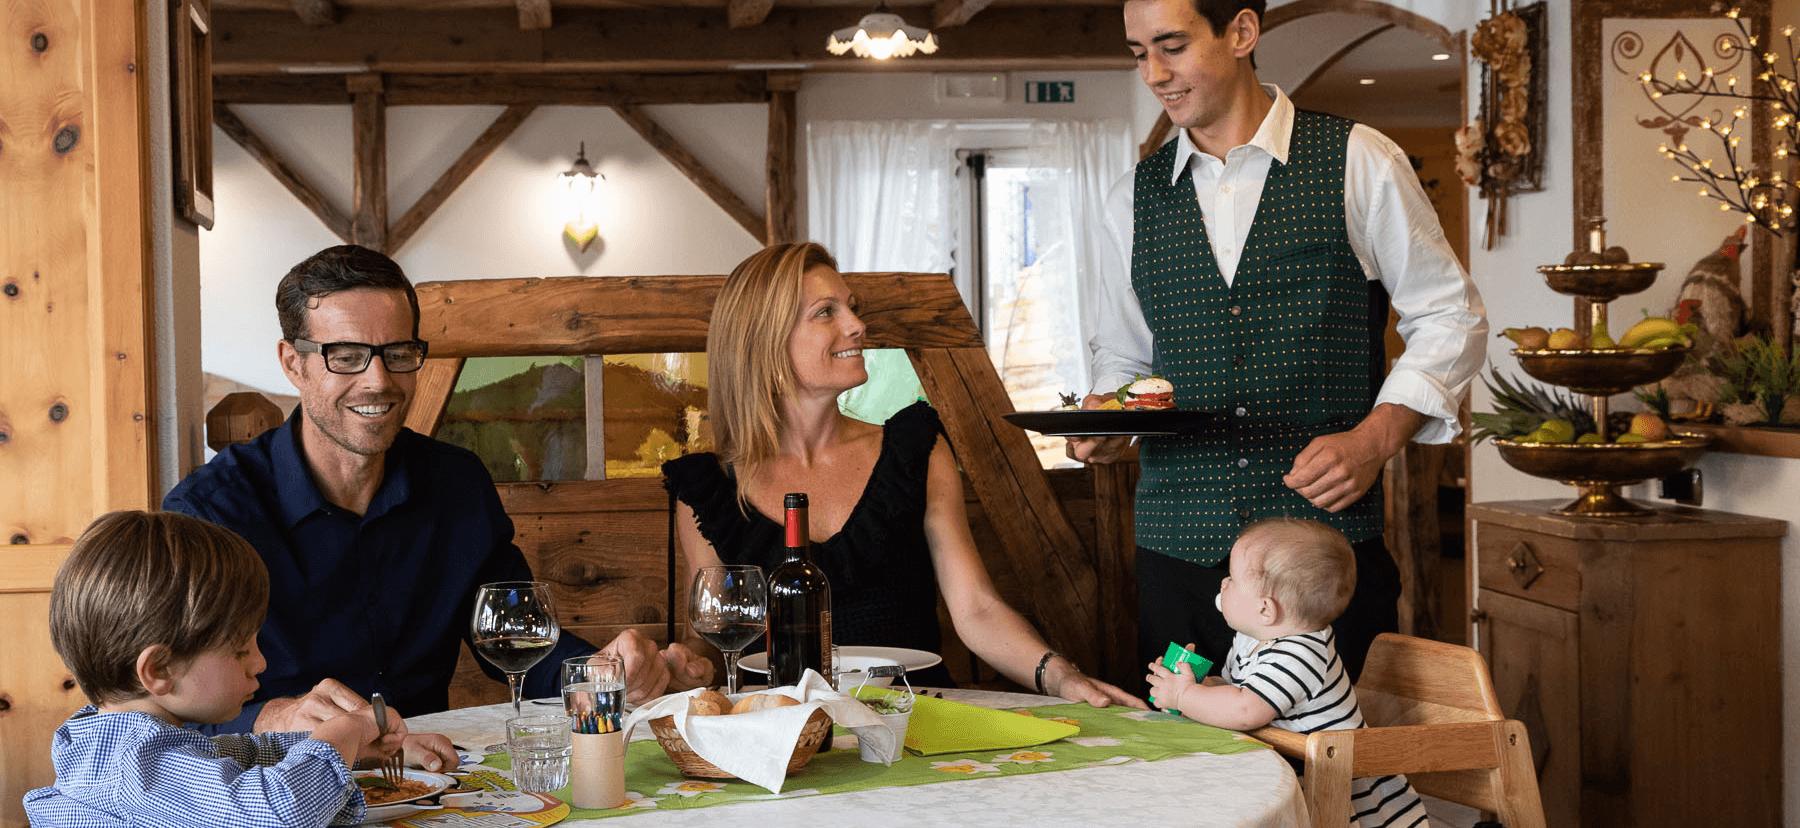 Vacanze in famiglia rilassanti - Hotel Alpino Baby Family ad Andalo